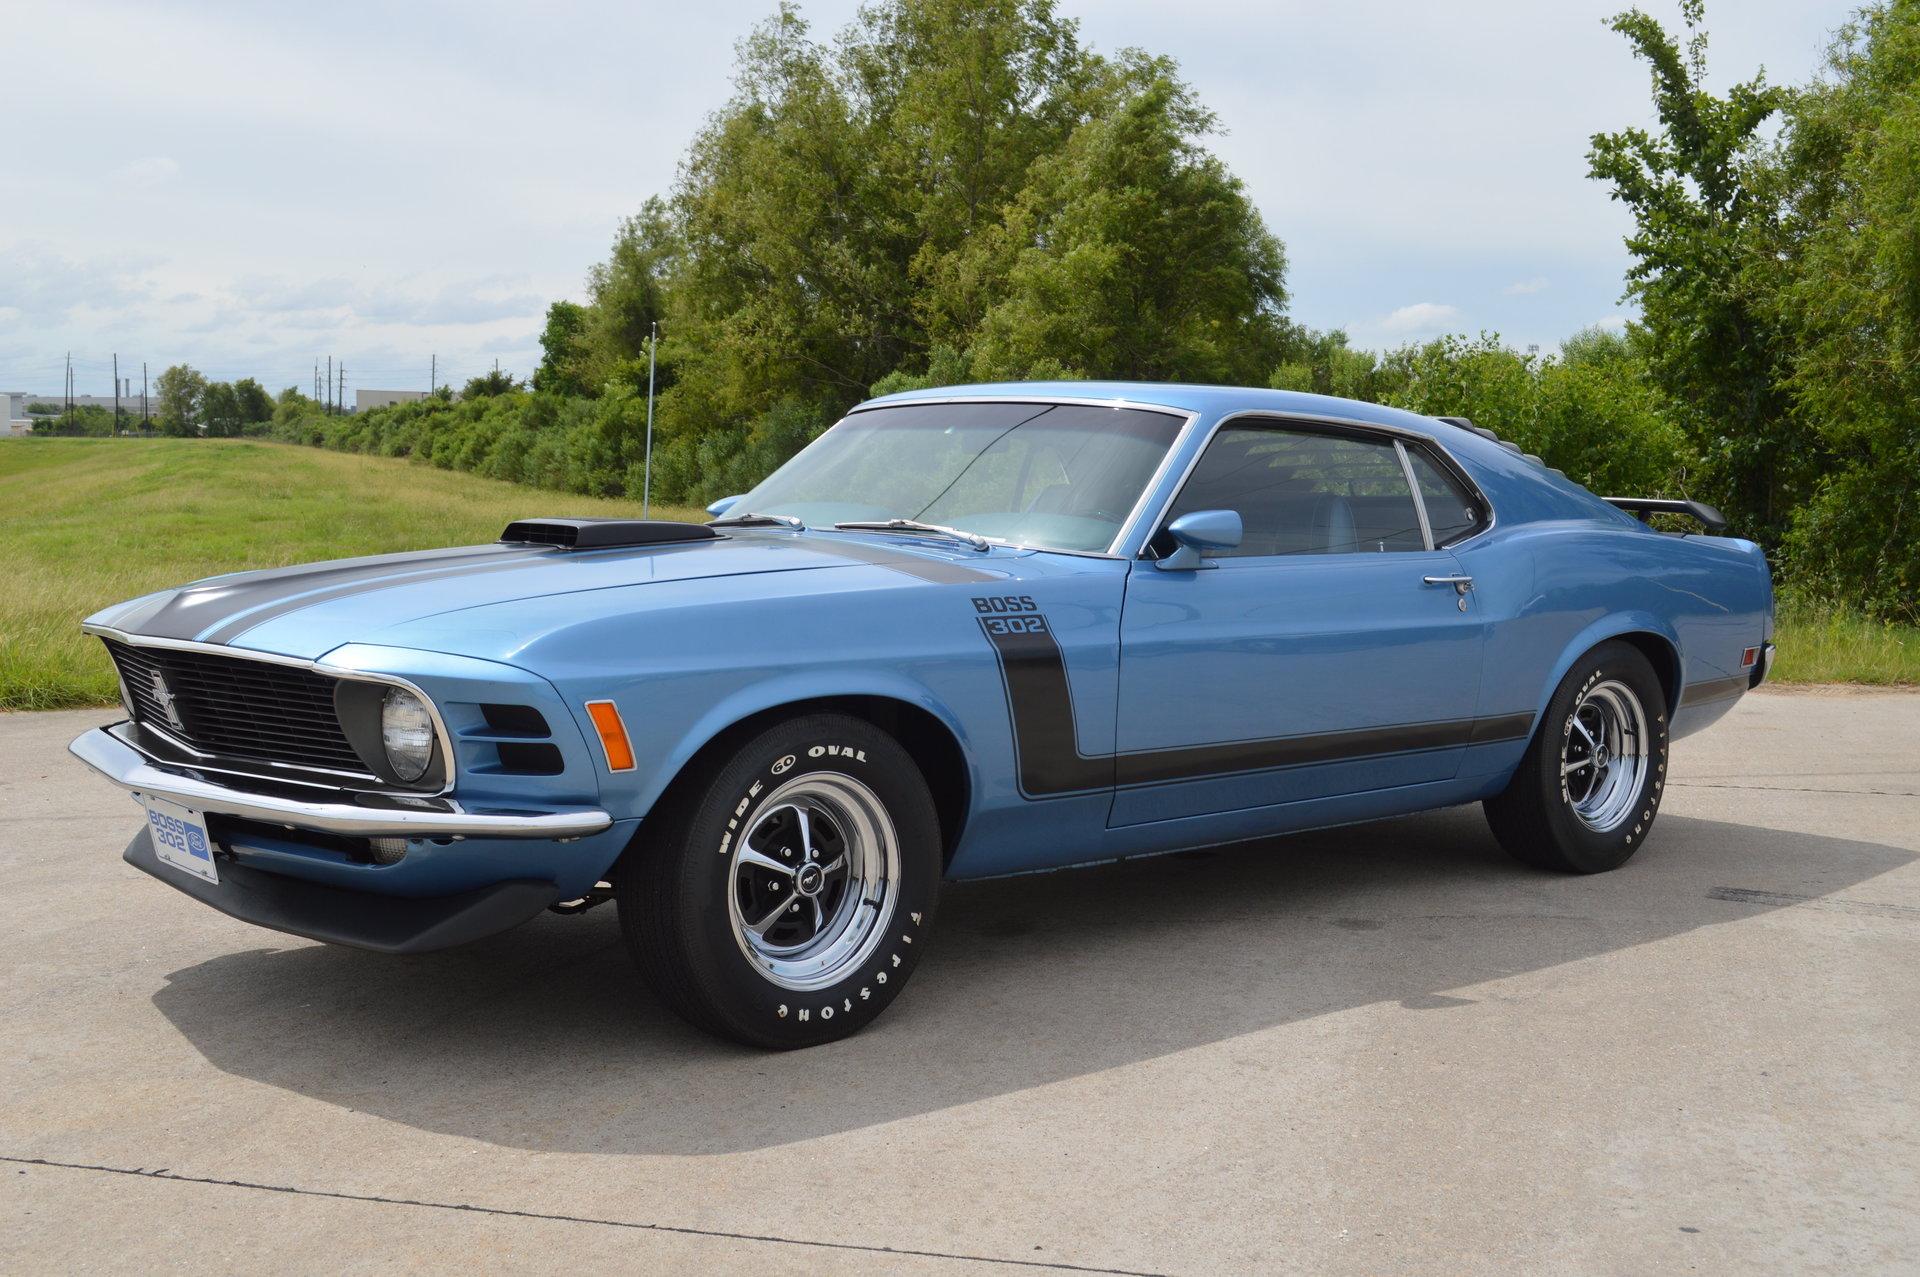 1970 Ford Mustang Boss 302 Franks Car Barn Thunderbird Specs